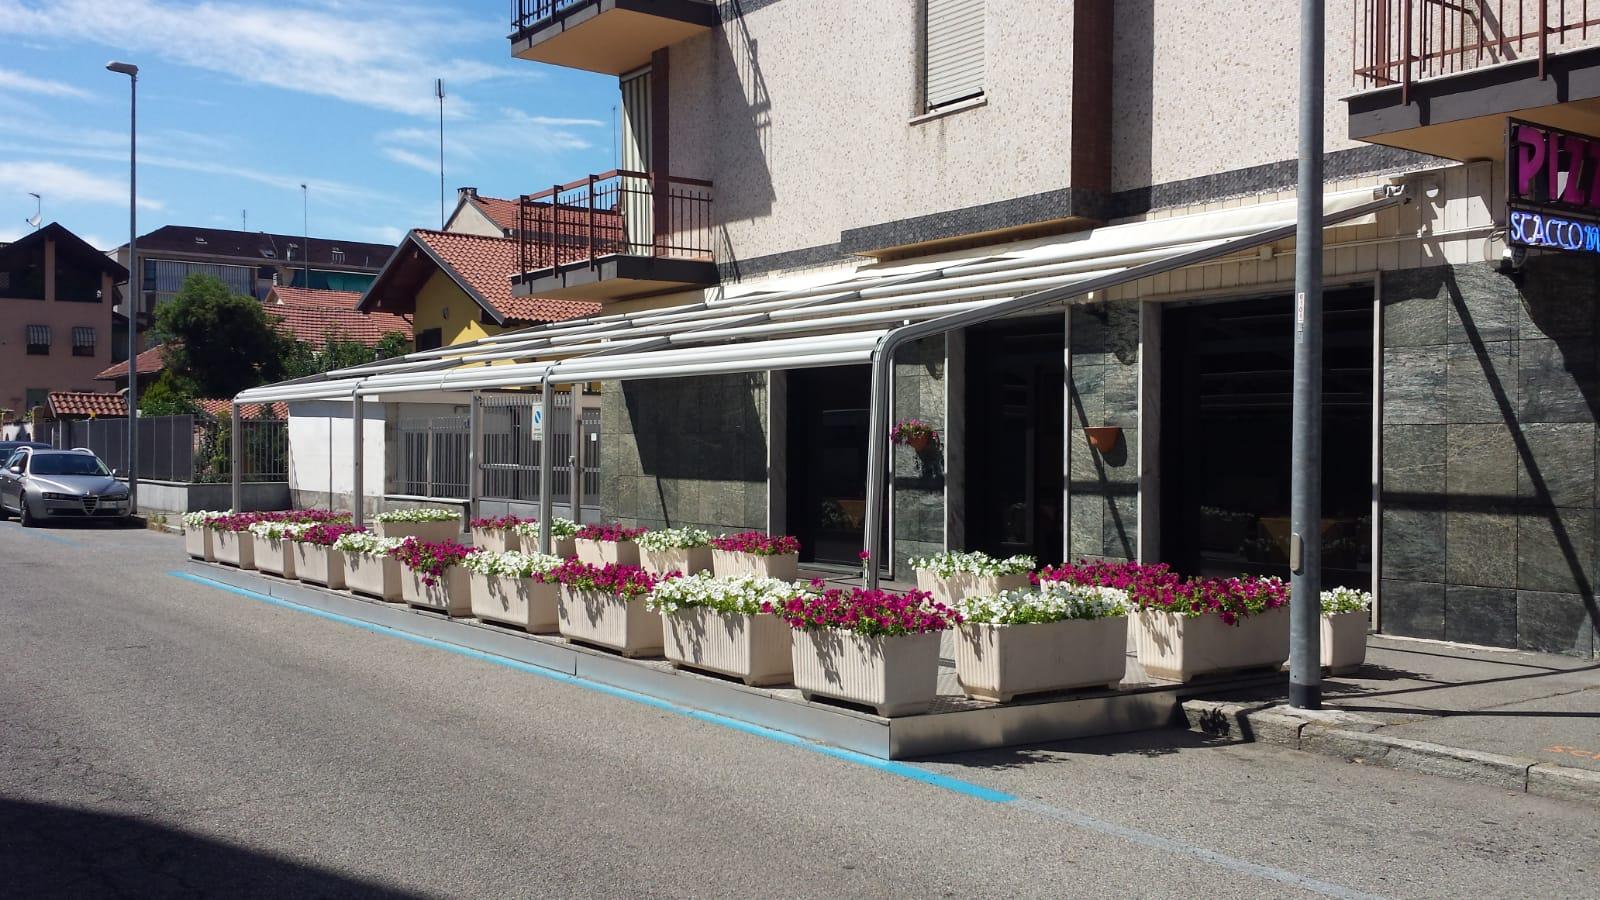 rif. 796 – Venaria, cedesi attività pizzeria/ristorante